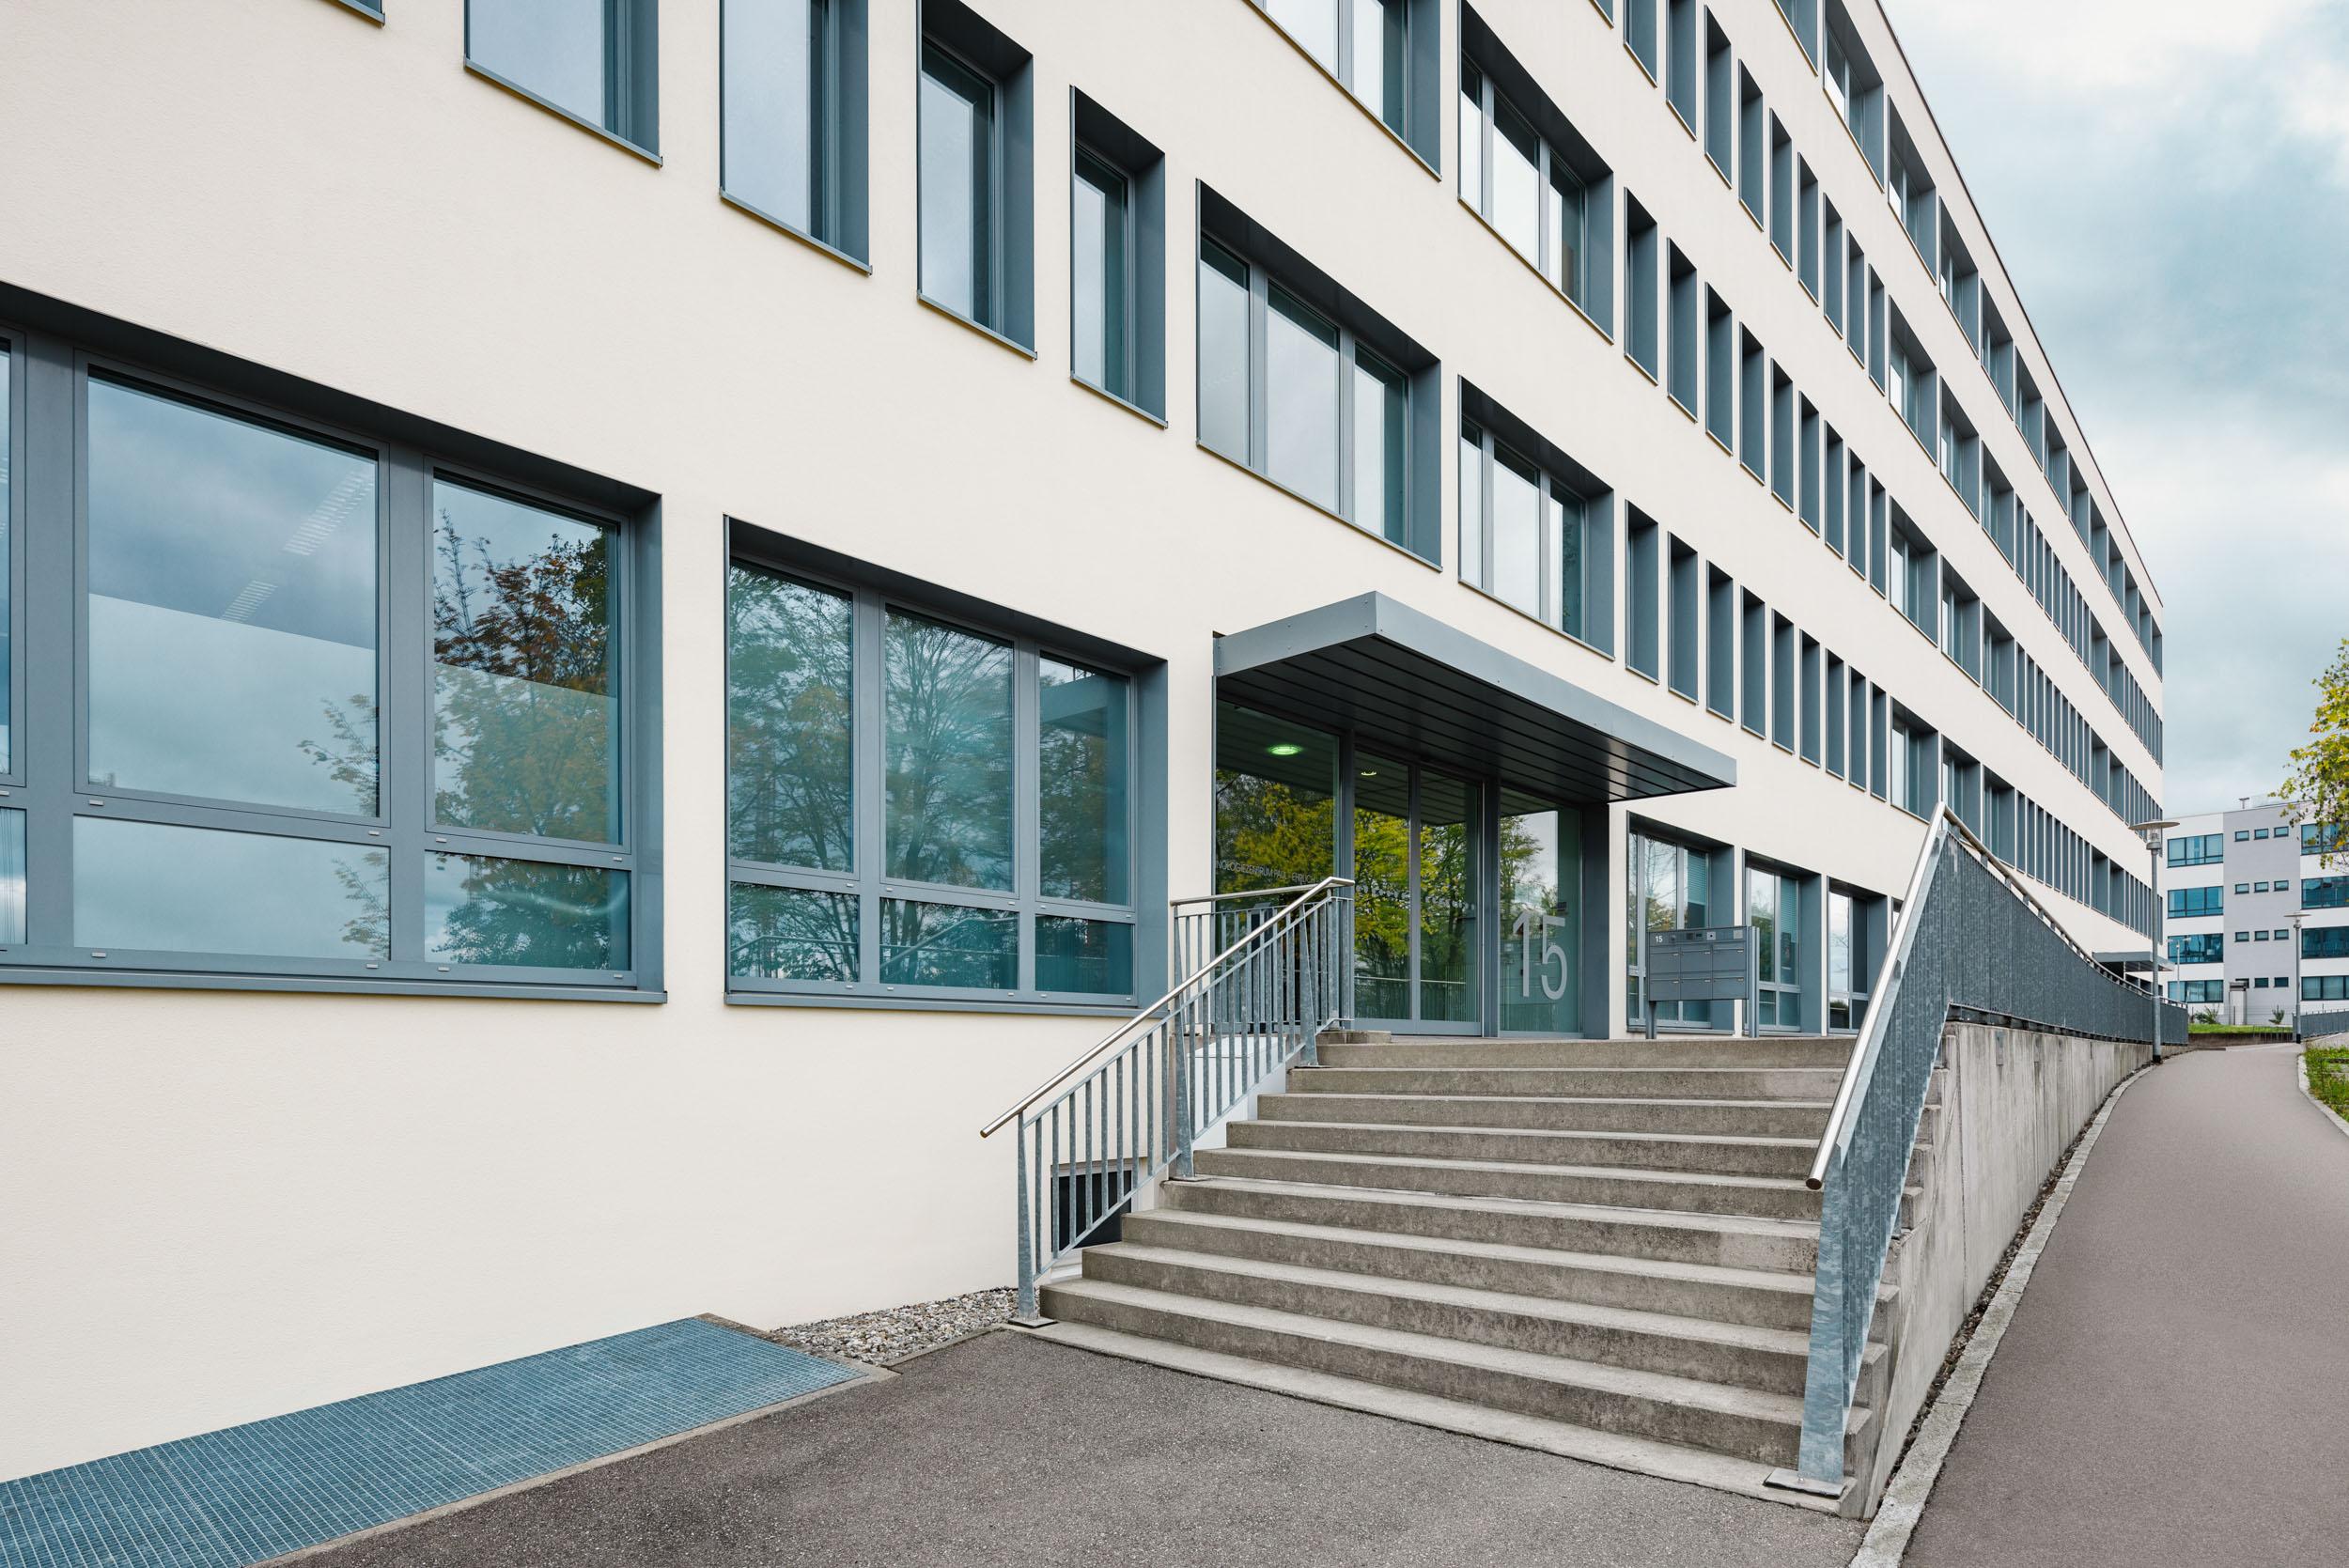 Gustav-Epple-Bauunternehmung-Tübingen-Biotech_MLX8355#00